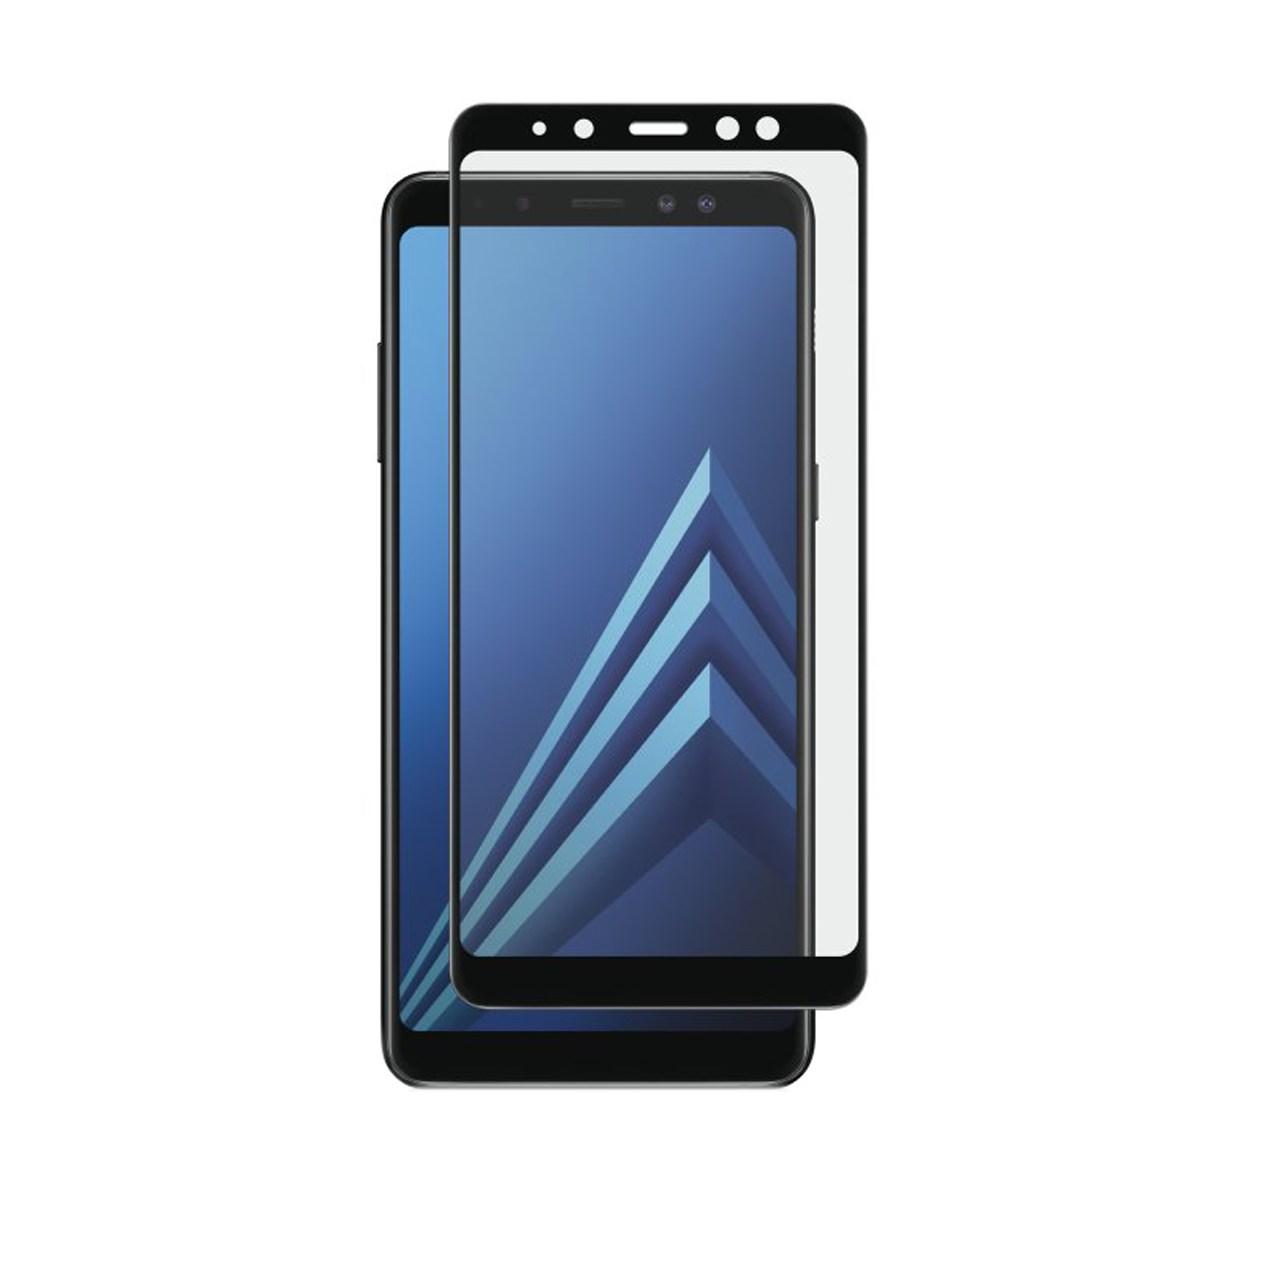 محافظ صفحه نمایش شیشه ای ریمو مدل Full Cover مناسب برای گوشی موبایل سامسونگ گلکسی A8 2018